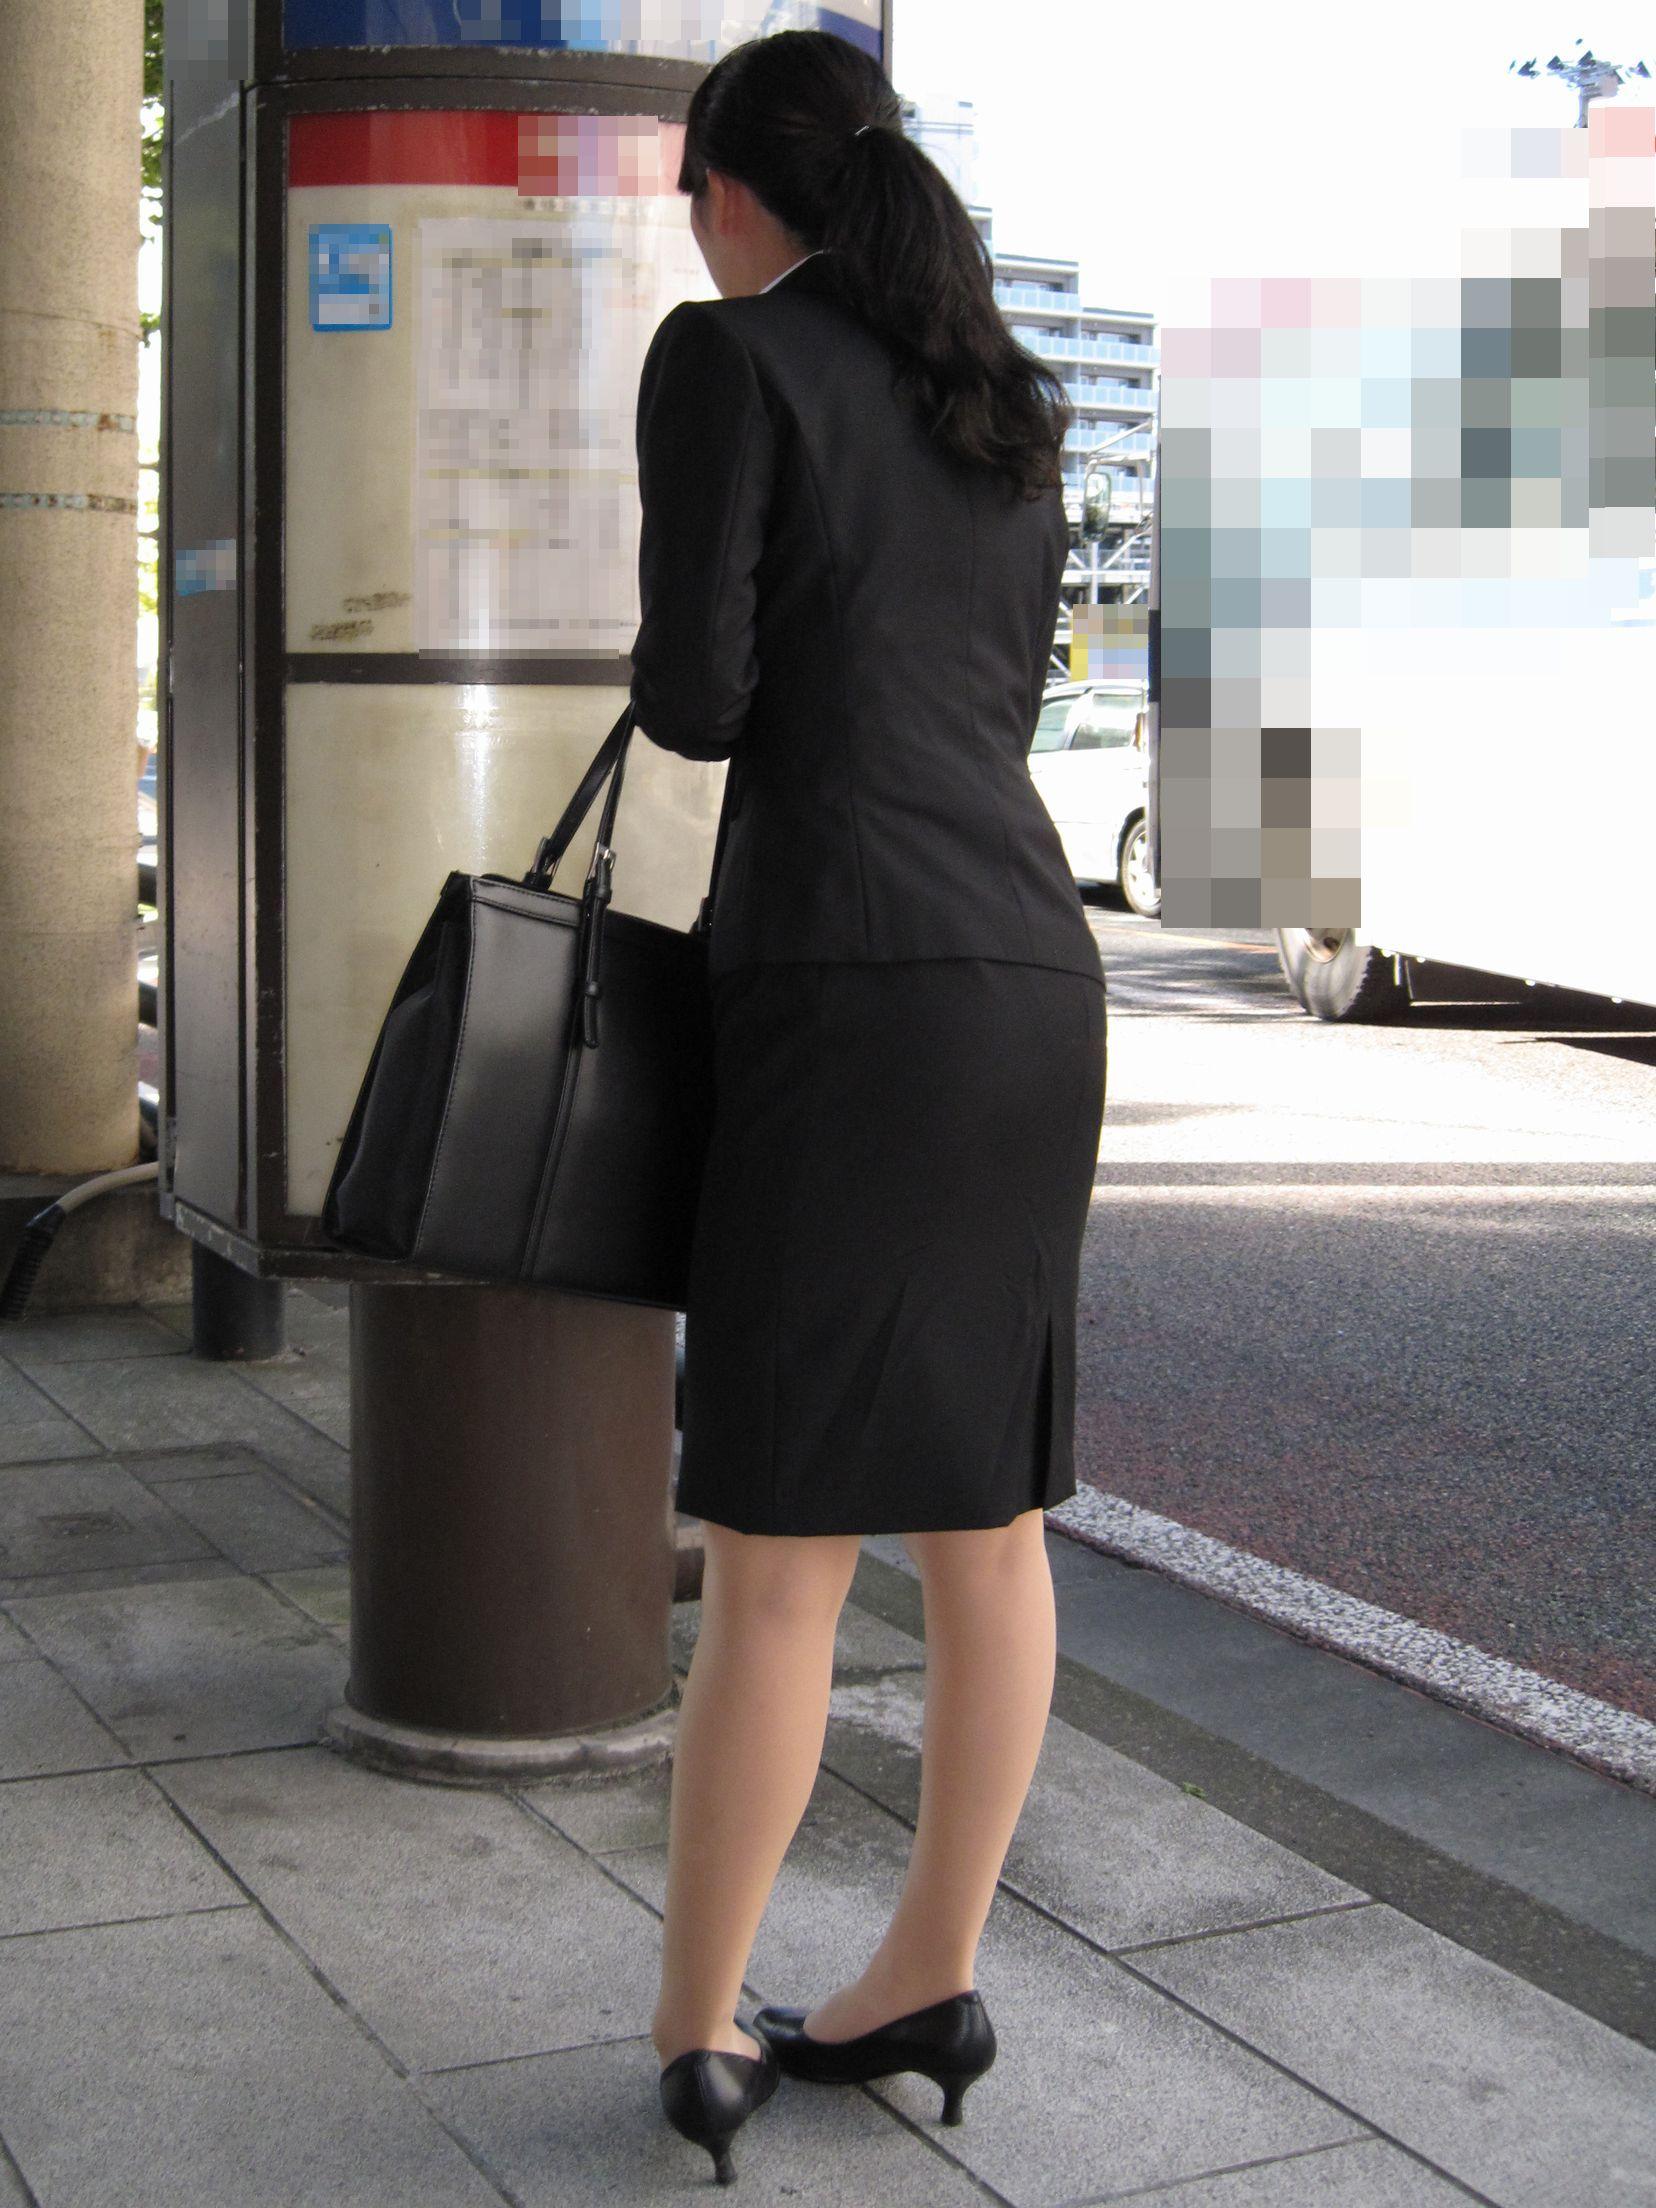 【街撮りスーツ画像】外回り女子のタイトに包まれたムッチリエロ尻追いかけてwww 19